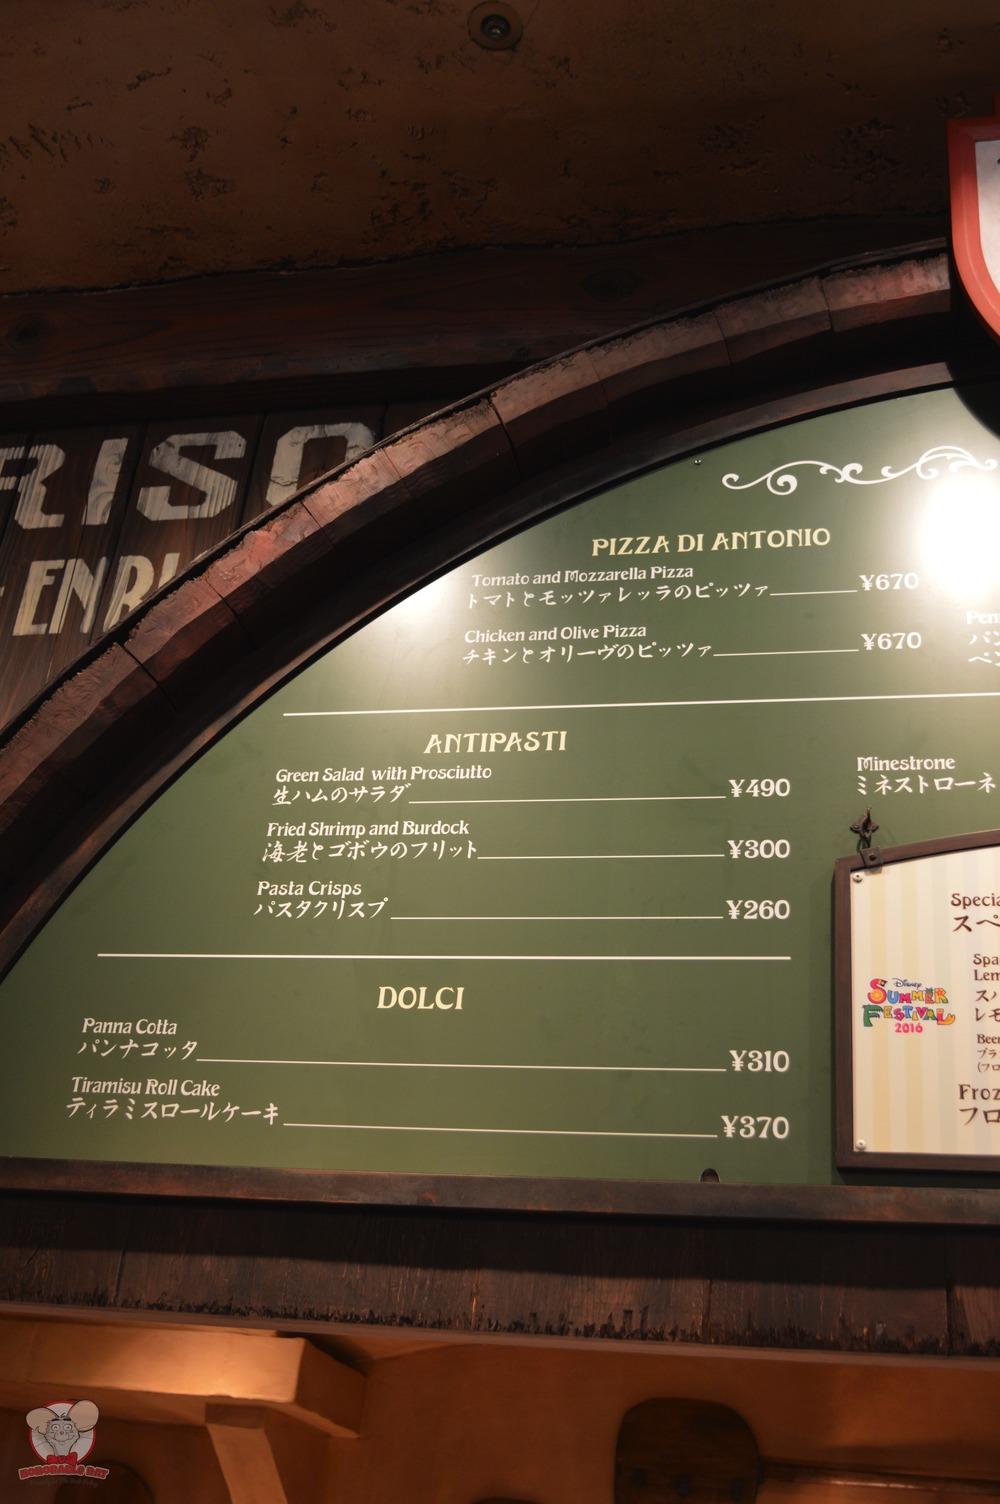 Tiramisu Roll Cake for 370 yen